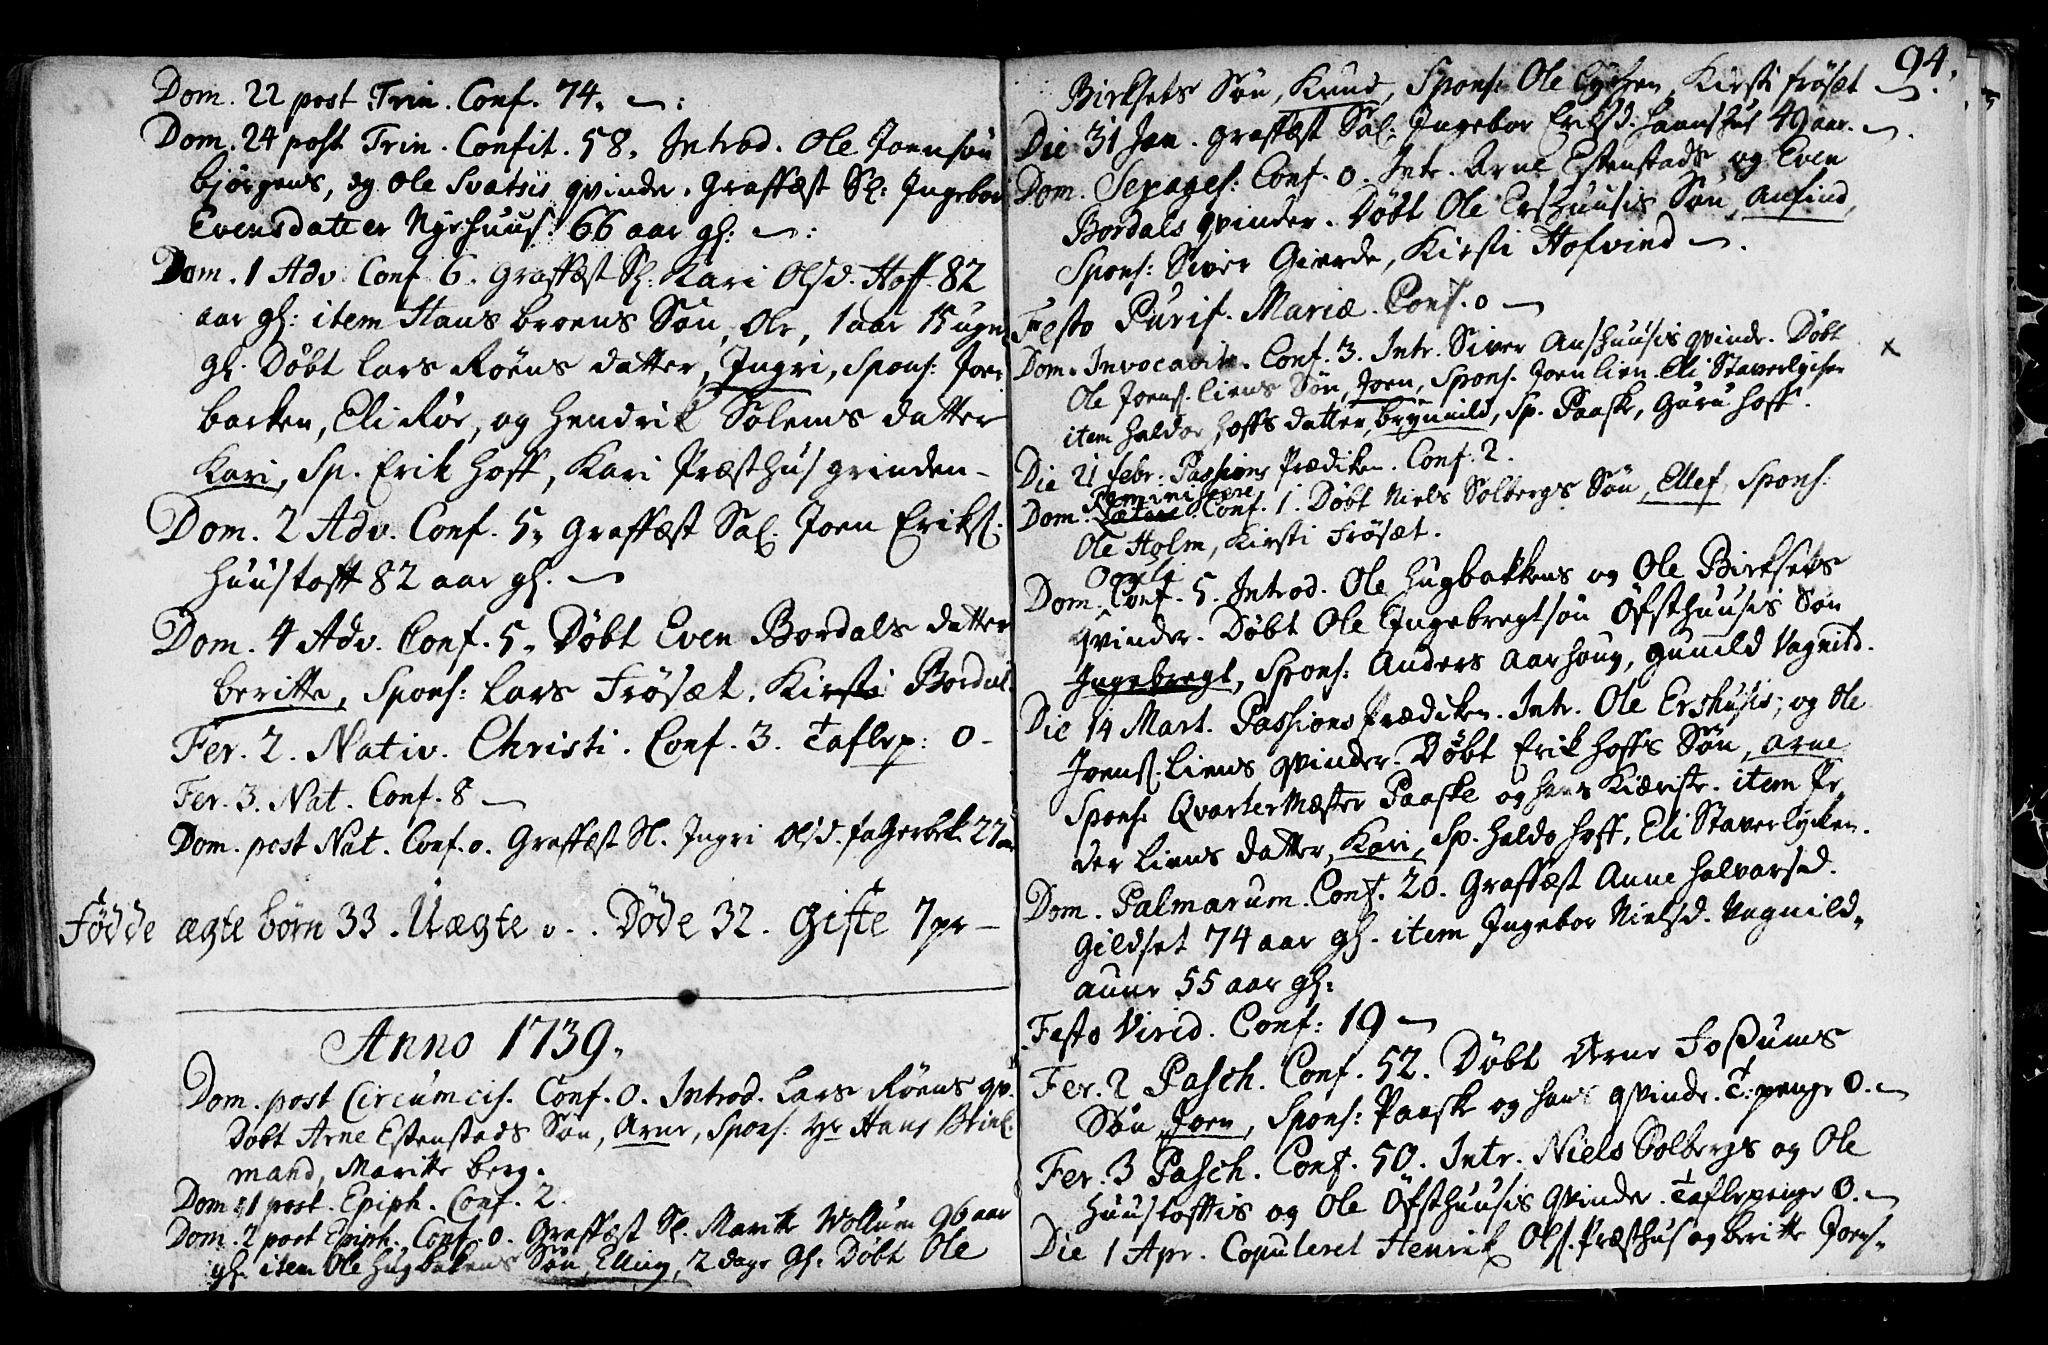 SAT, Ministerialprotokoller, klokkerbøker og fødselsregistre - Sør-Trøndelag, 689/L1036: Ministerialbok nr. 689A01, 1696-1746, s. 94